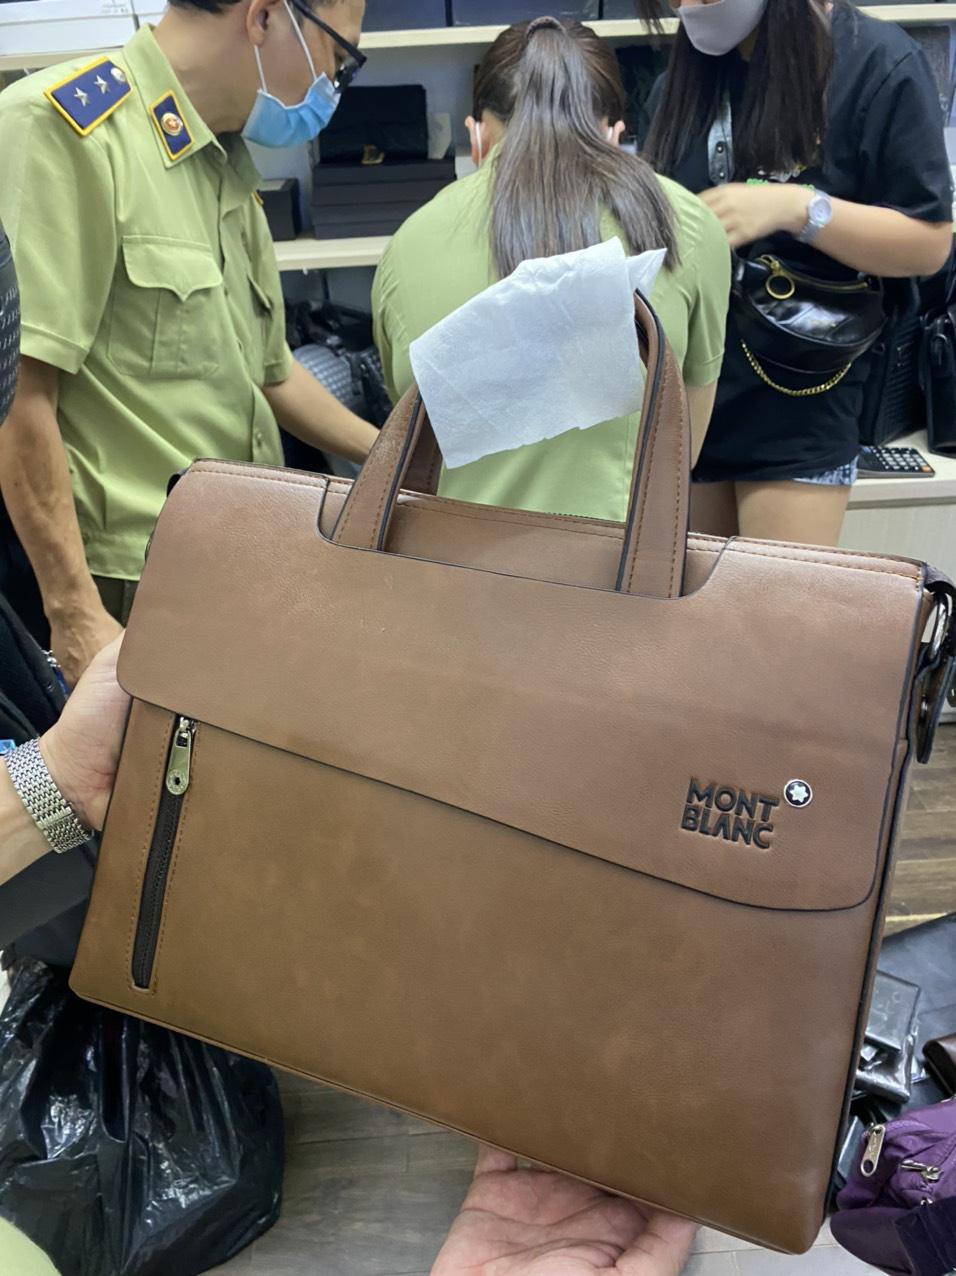 TP.HCM: Phát hiện nhiều sản phẩm có dấu hiệu giả mạo nhãn hiệu nổi tiếng tại Sài Gòn Square và chợ Bến Thành - Ảnh 2.